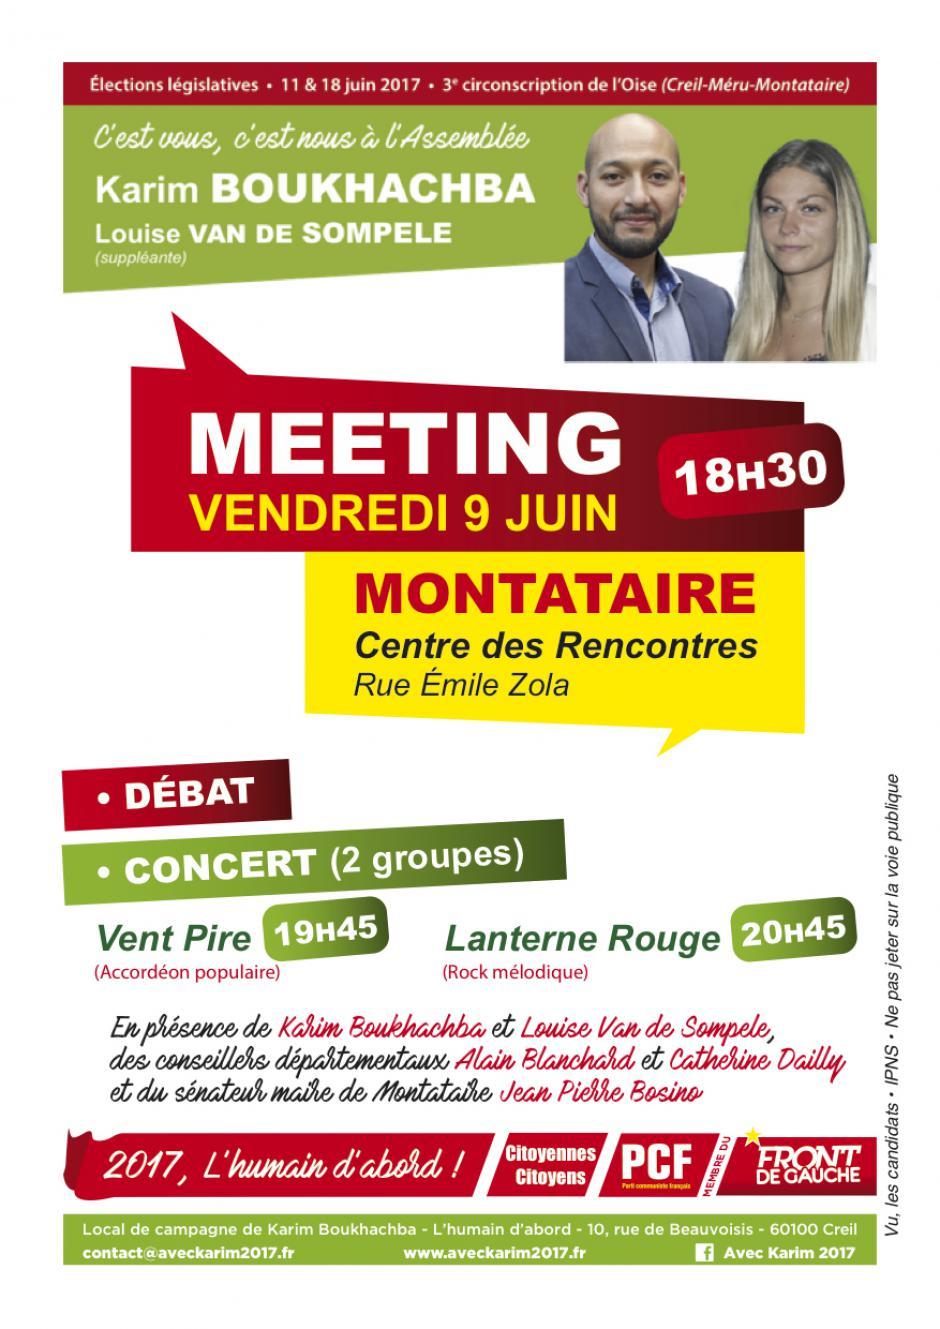 Flyer « Meeting + concert à Montataire » - 3e circonscription, 9 juin 2017